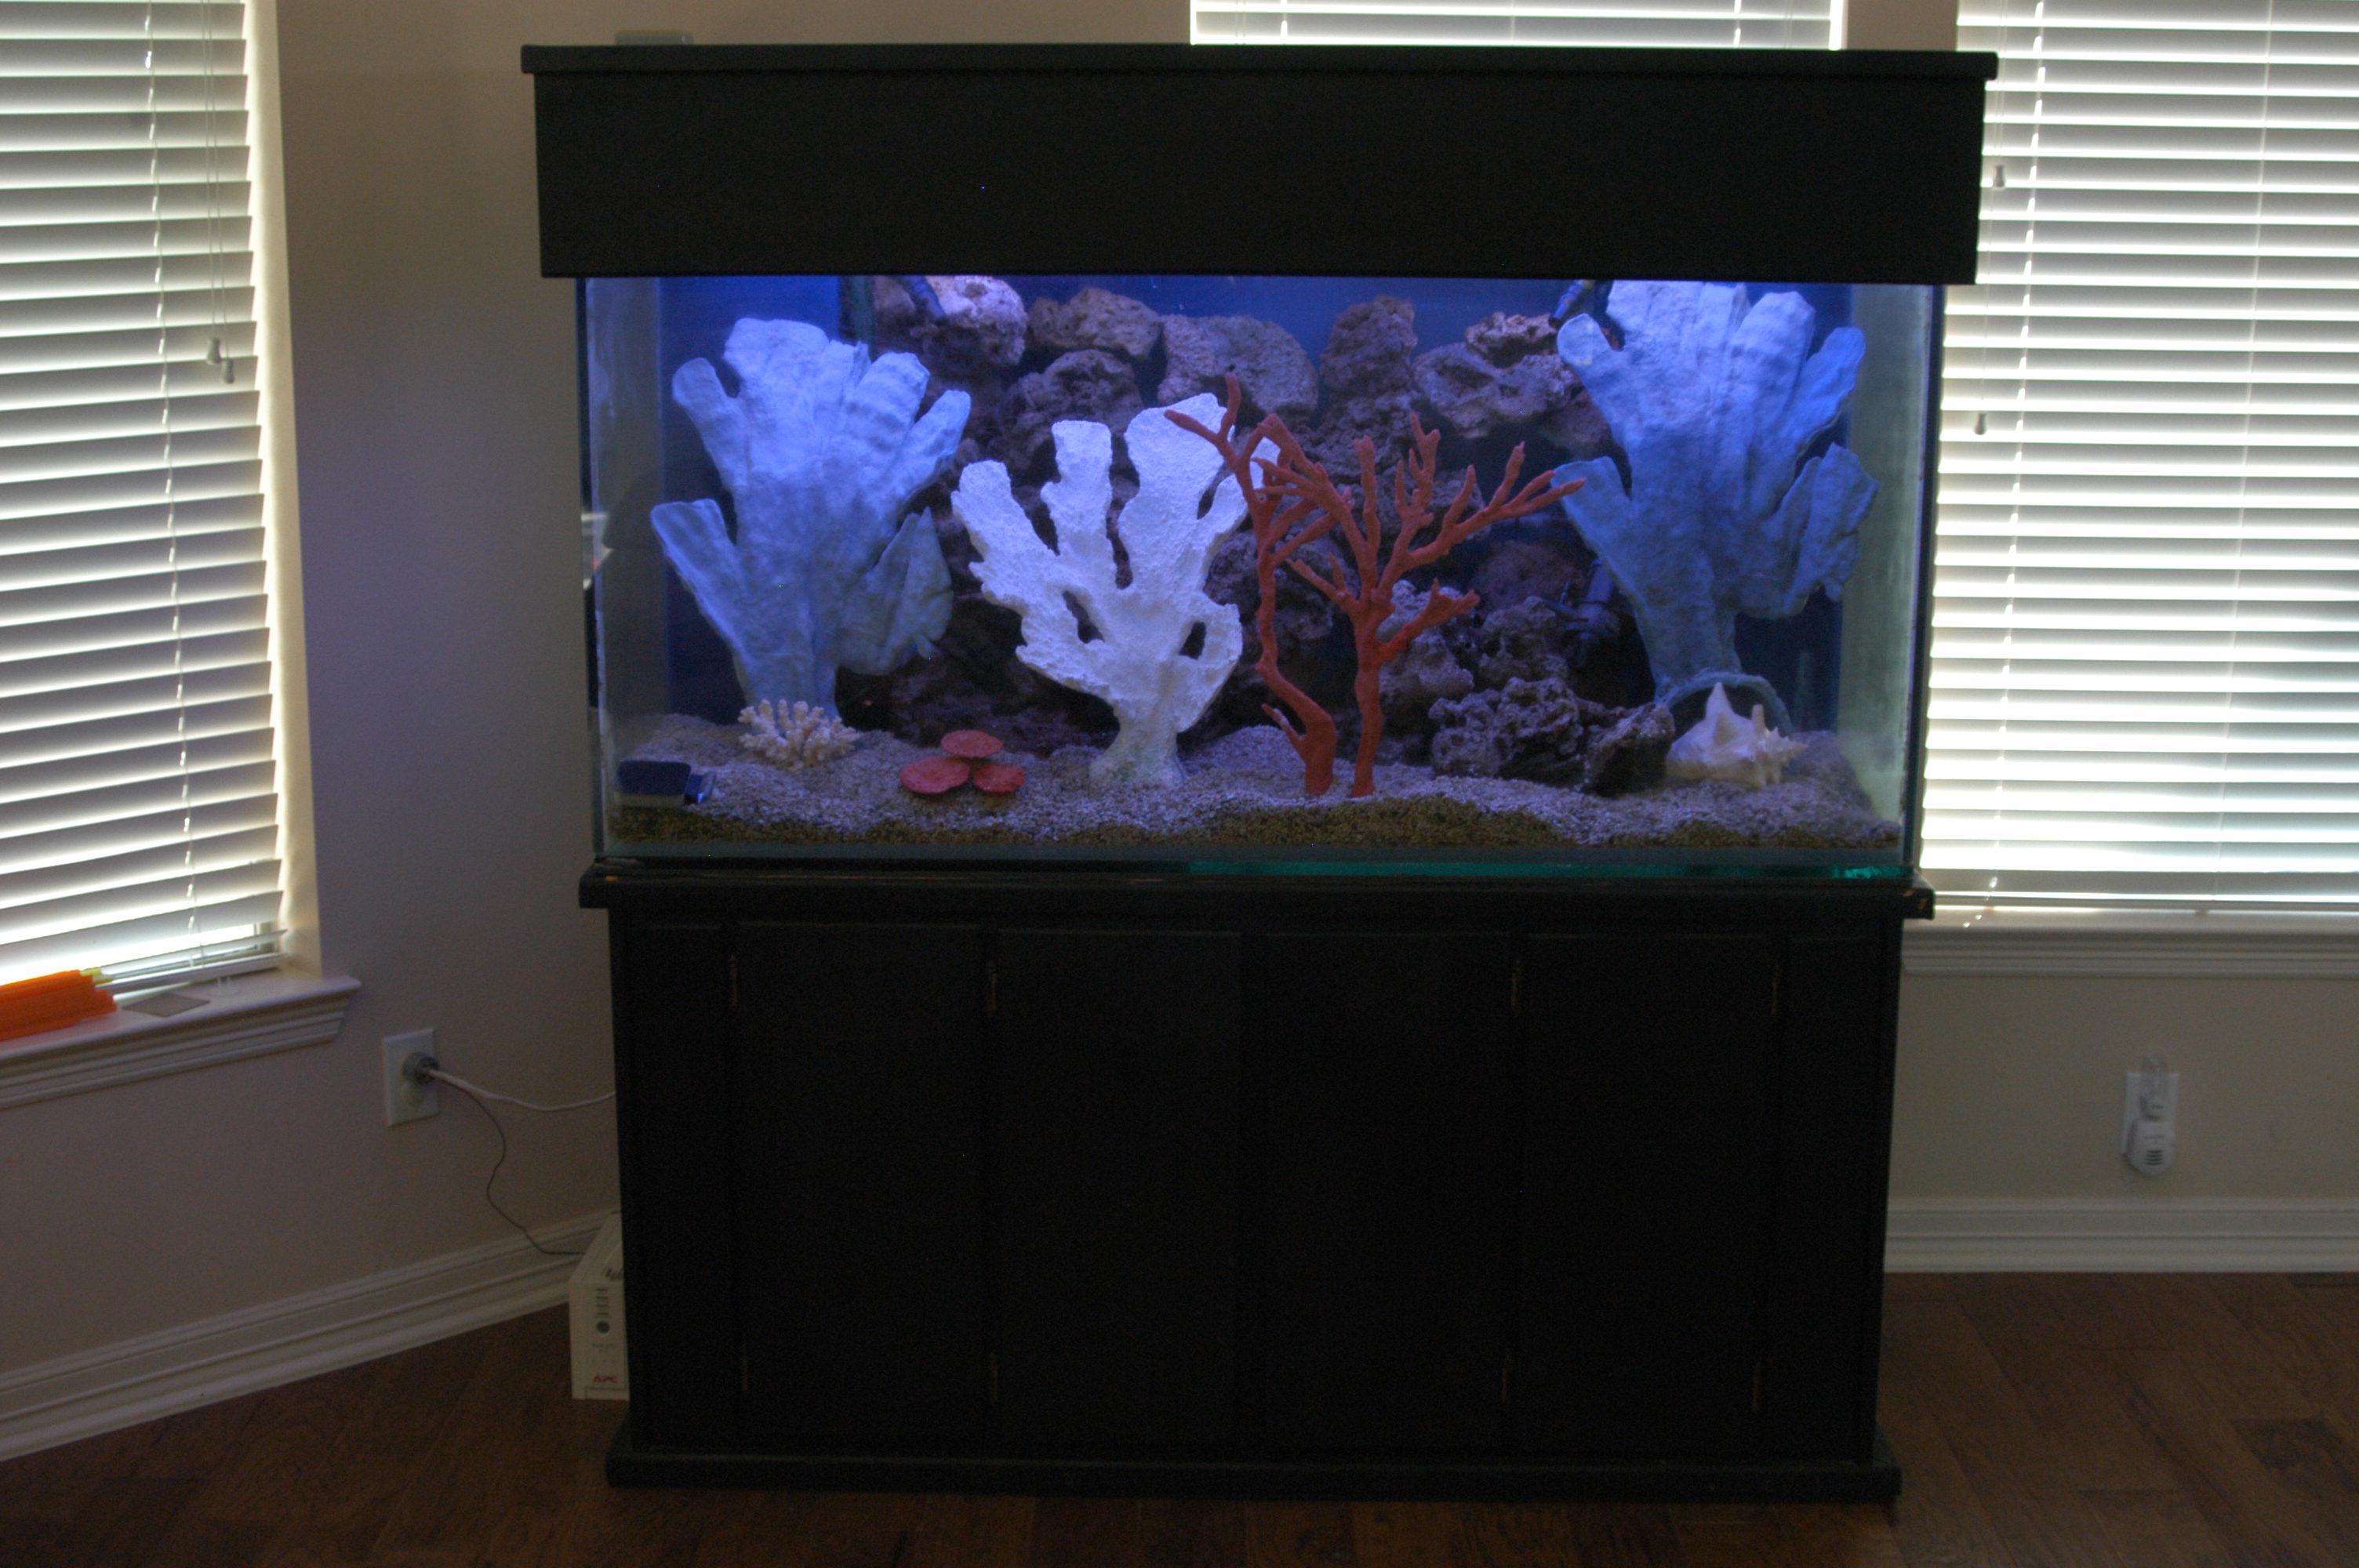 180 gallon aquarium for sale thread 4 21 07 180 gallon for 4 gallon fish tank